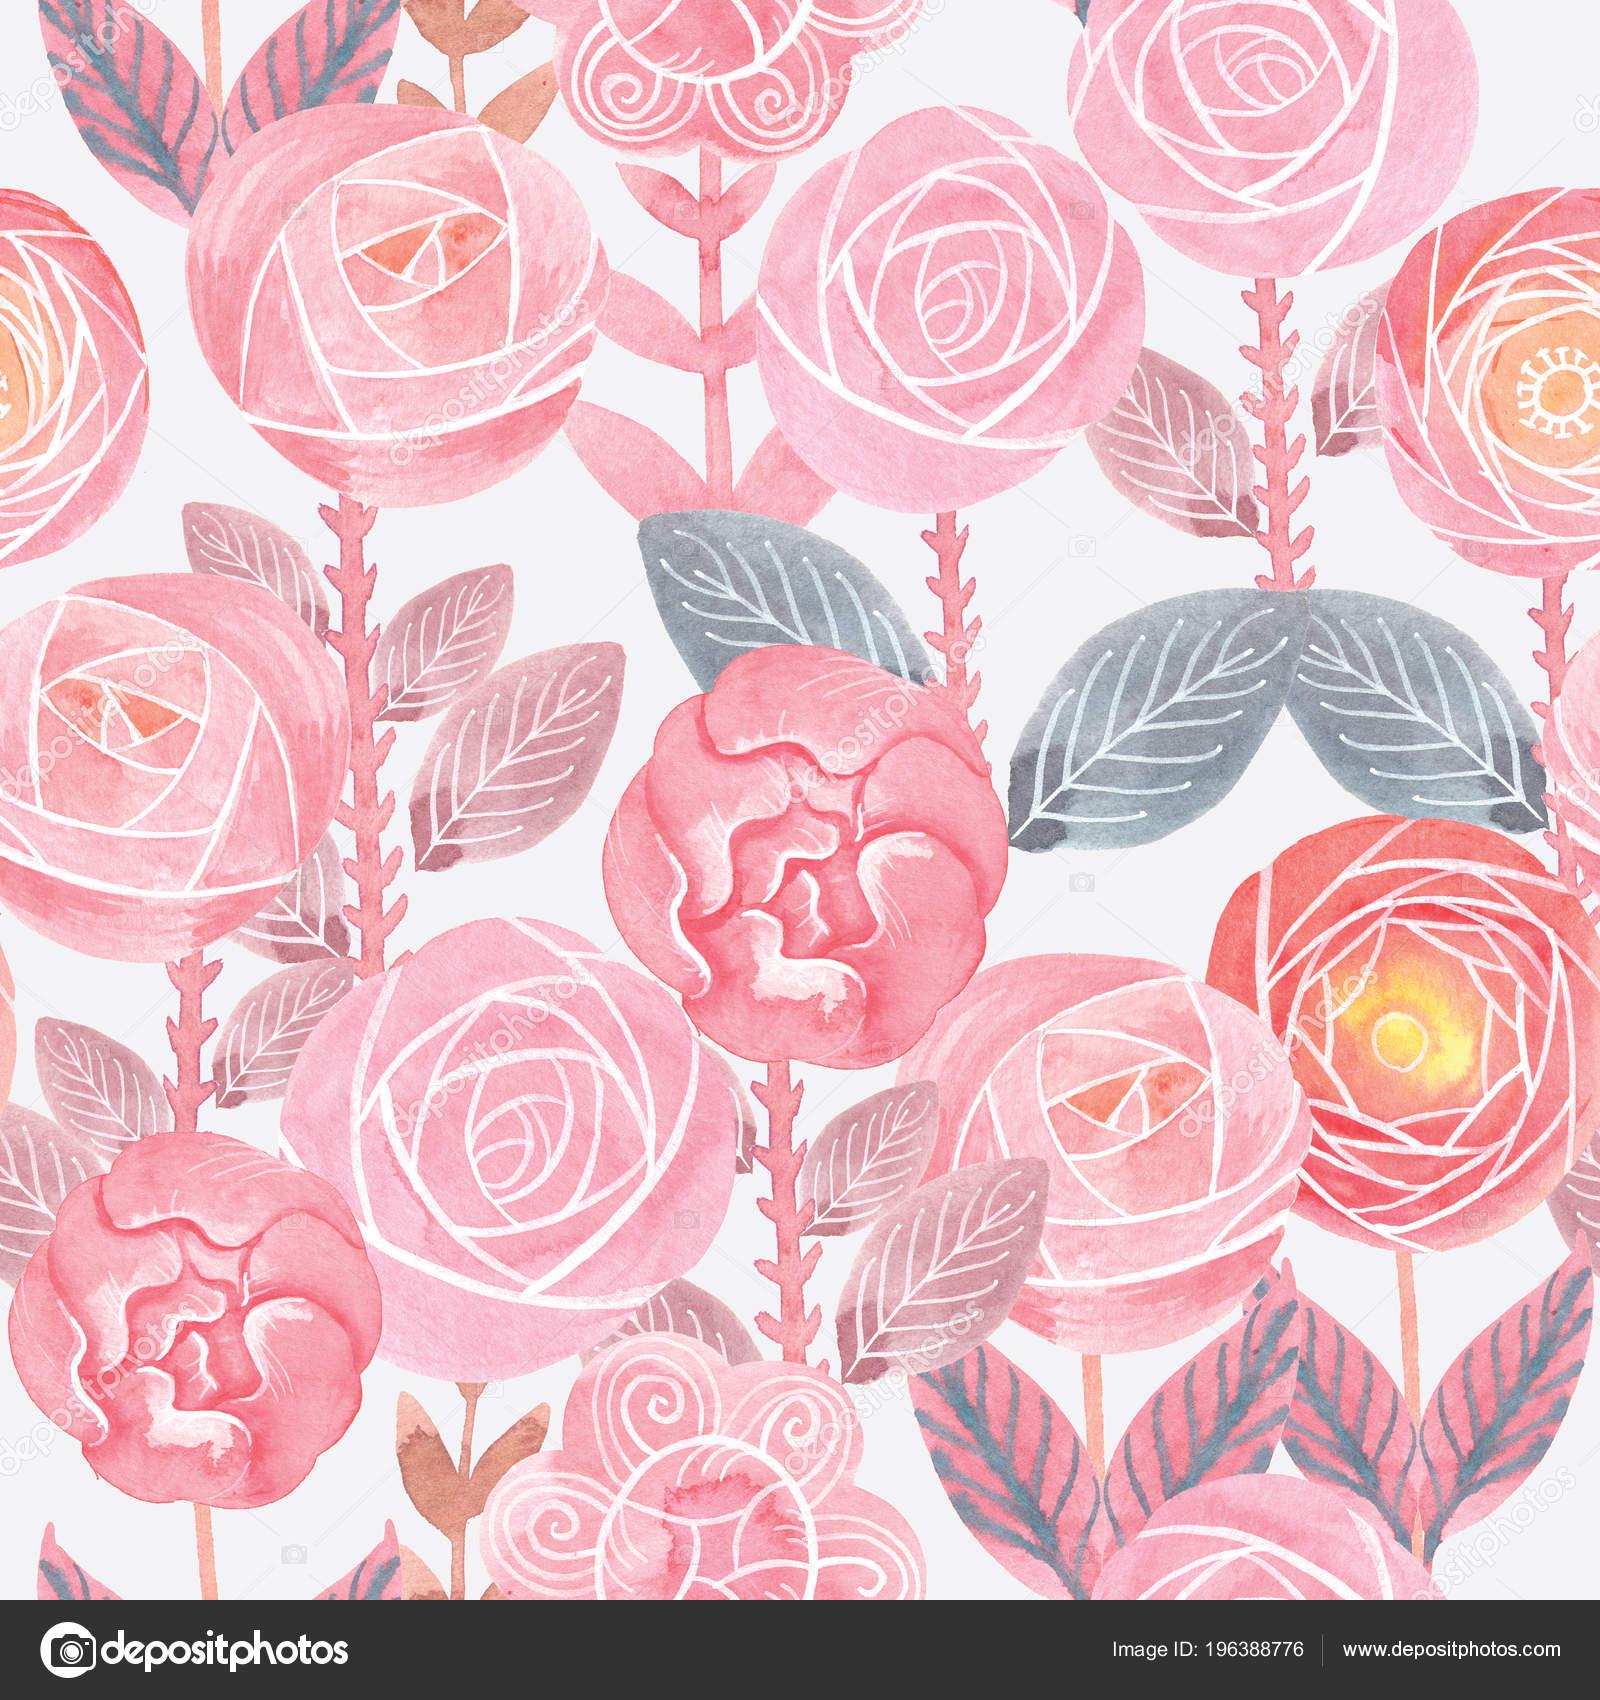 Dise o de arte floral patr n floral transparente - High resolution watercolor flowers ...